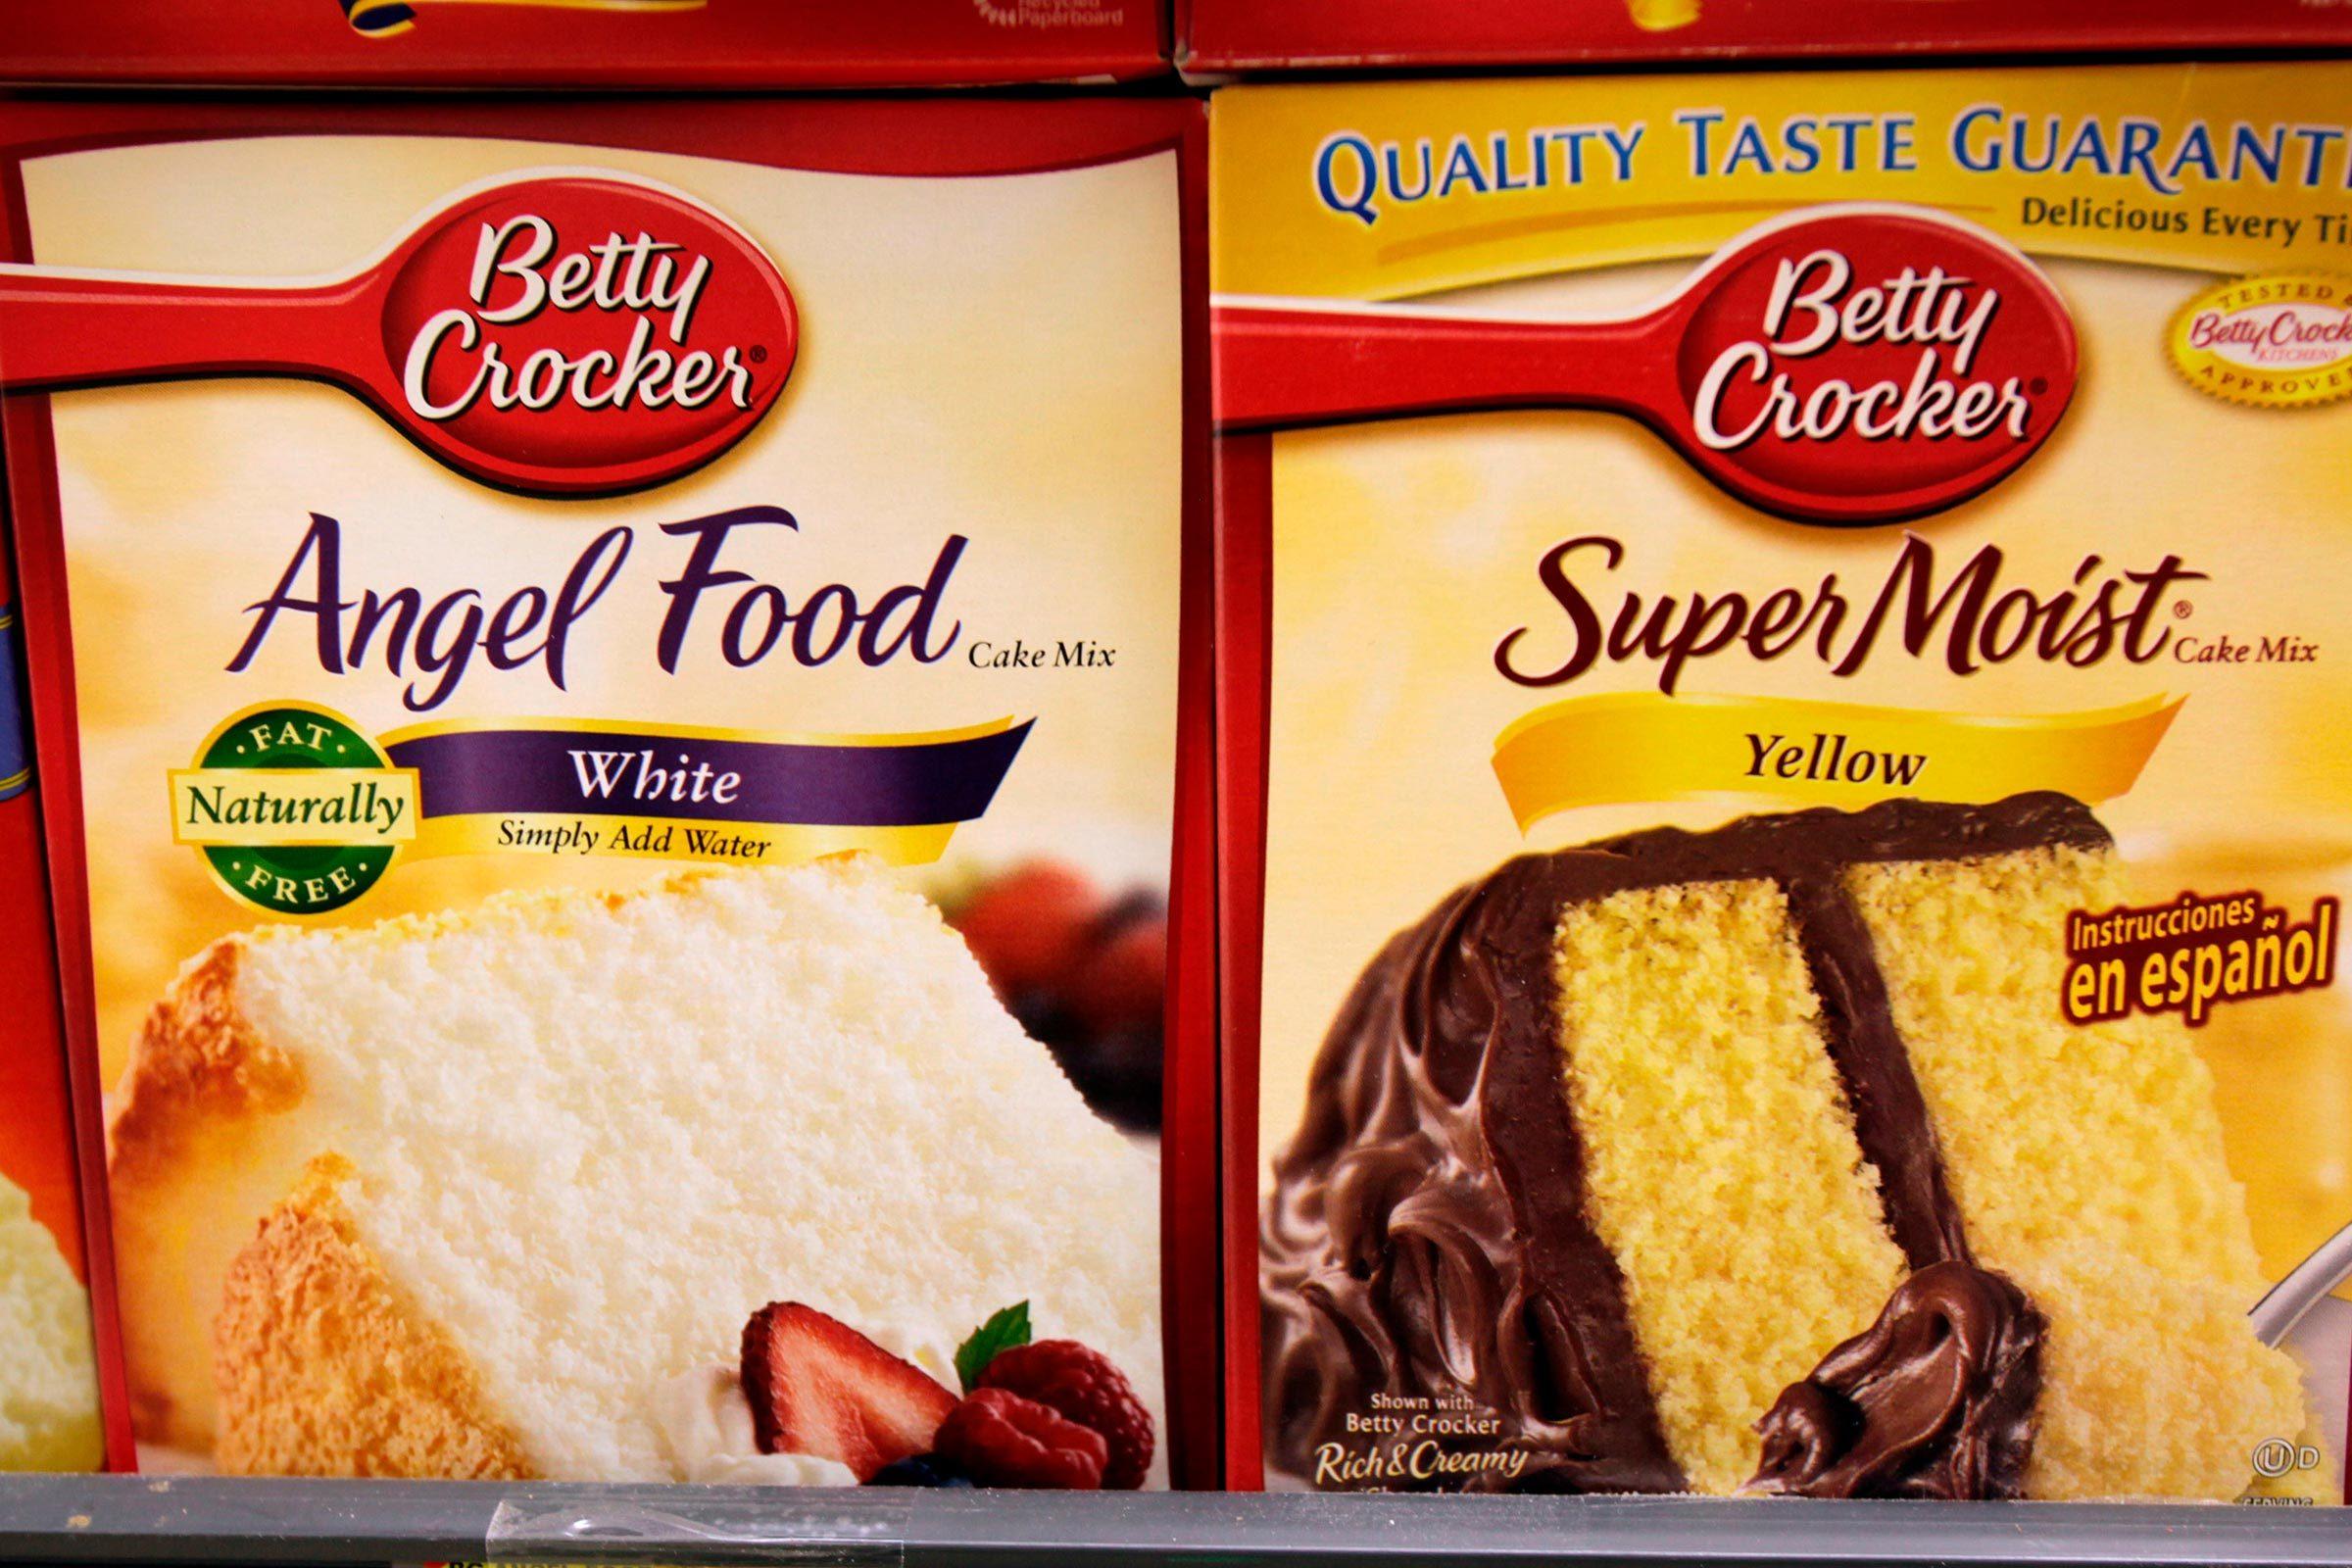 Betty Crocker cake